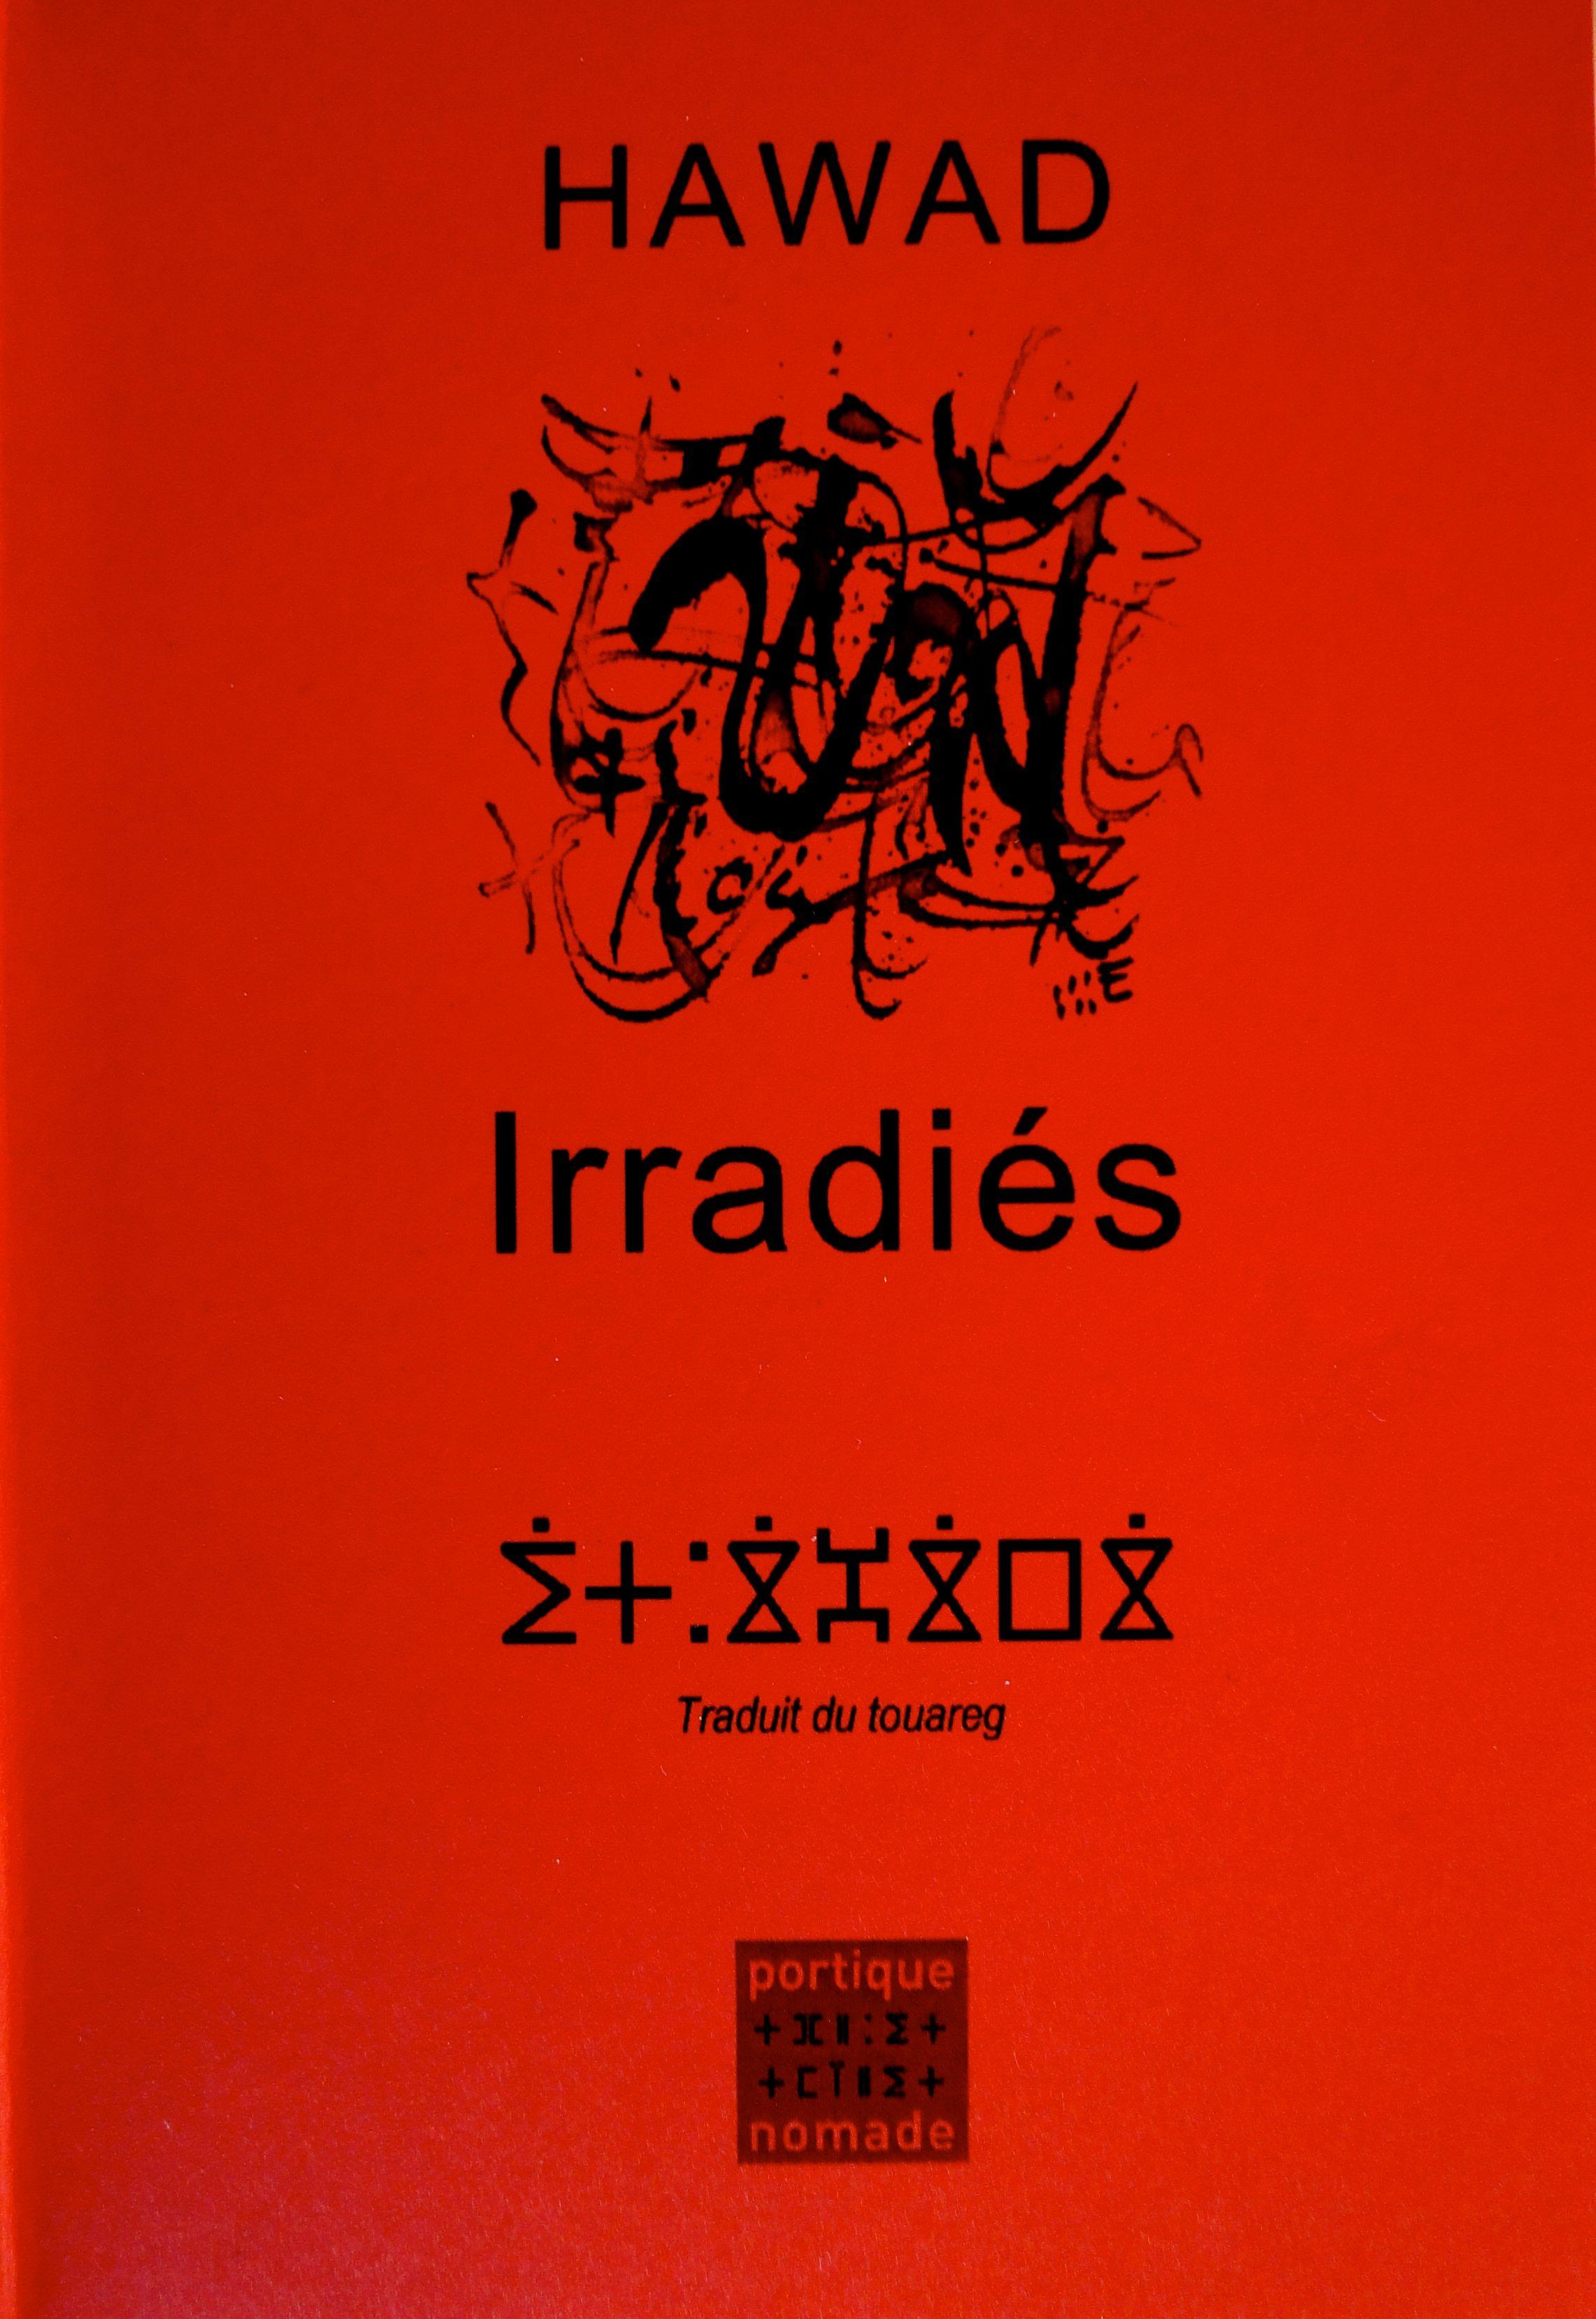 Hawad, Irradiés (traduit de la tamajaght), Portique Nomade, 2015